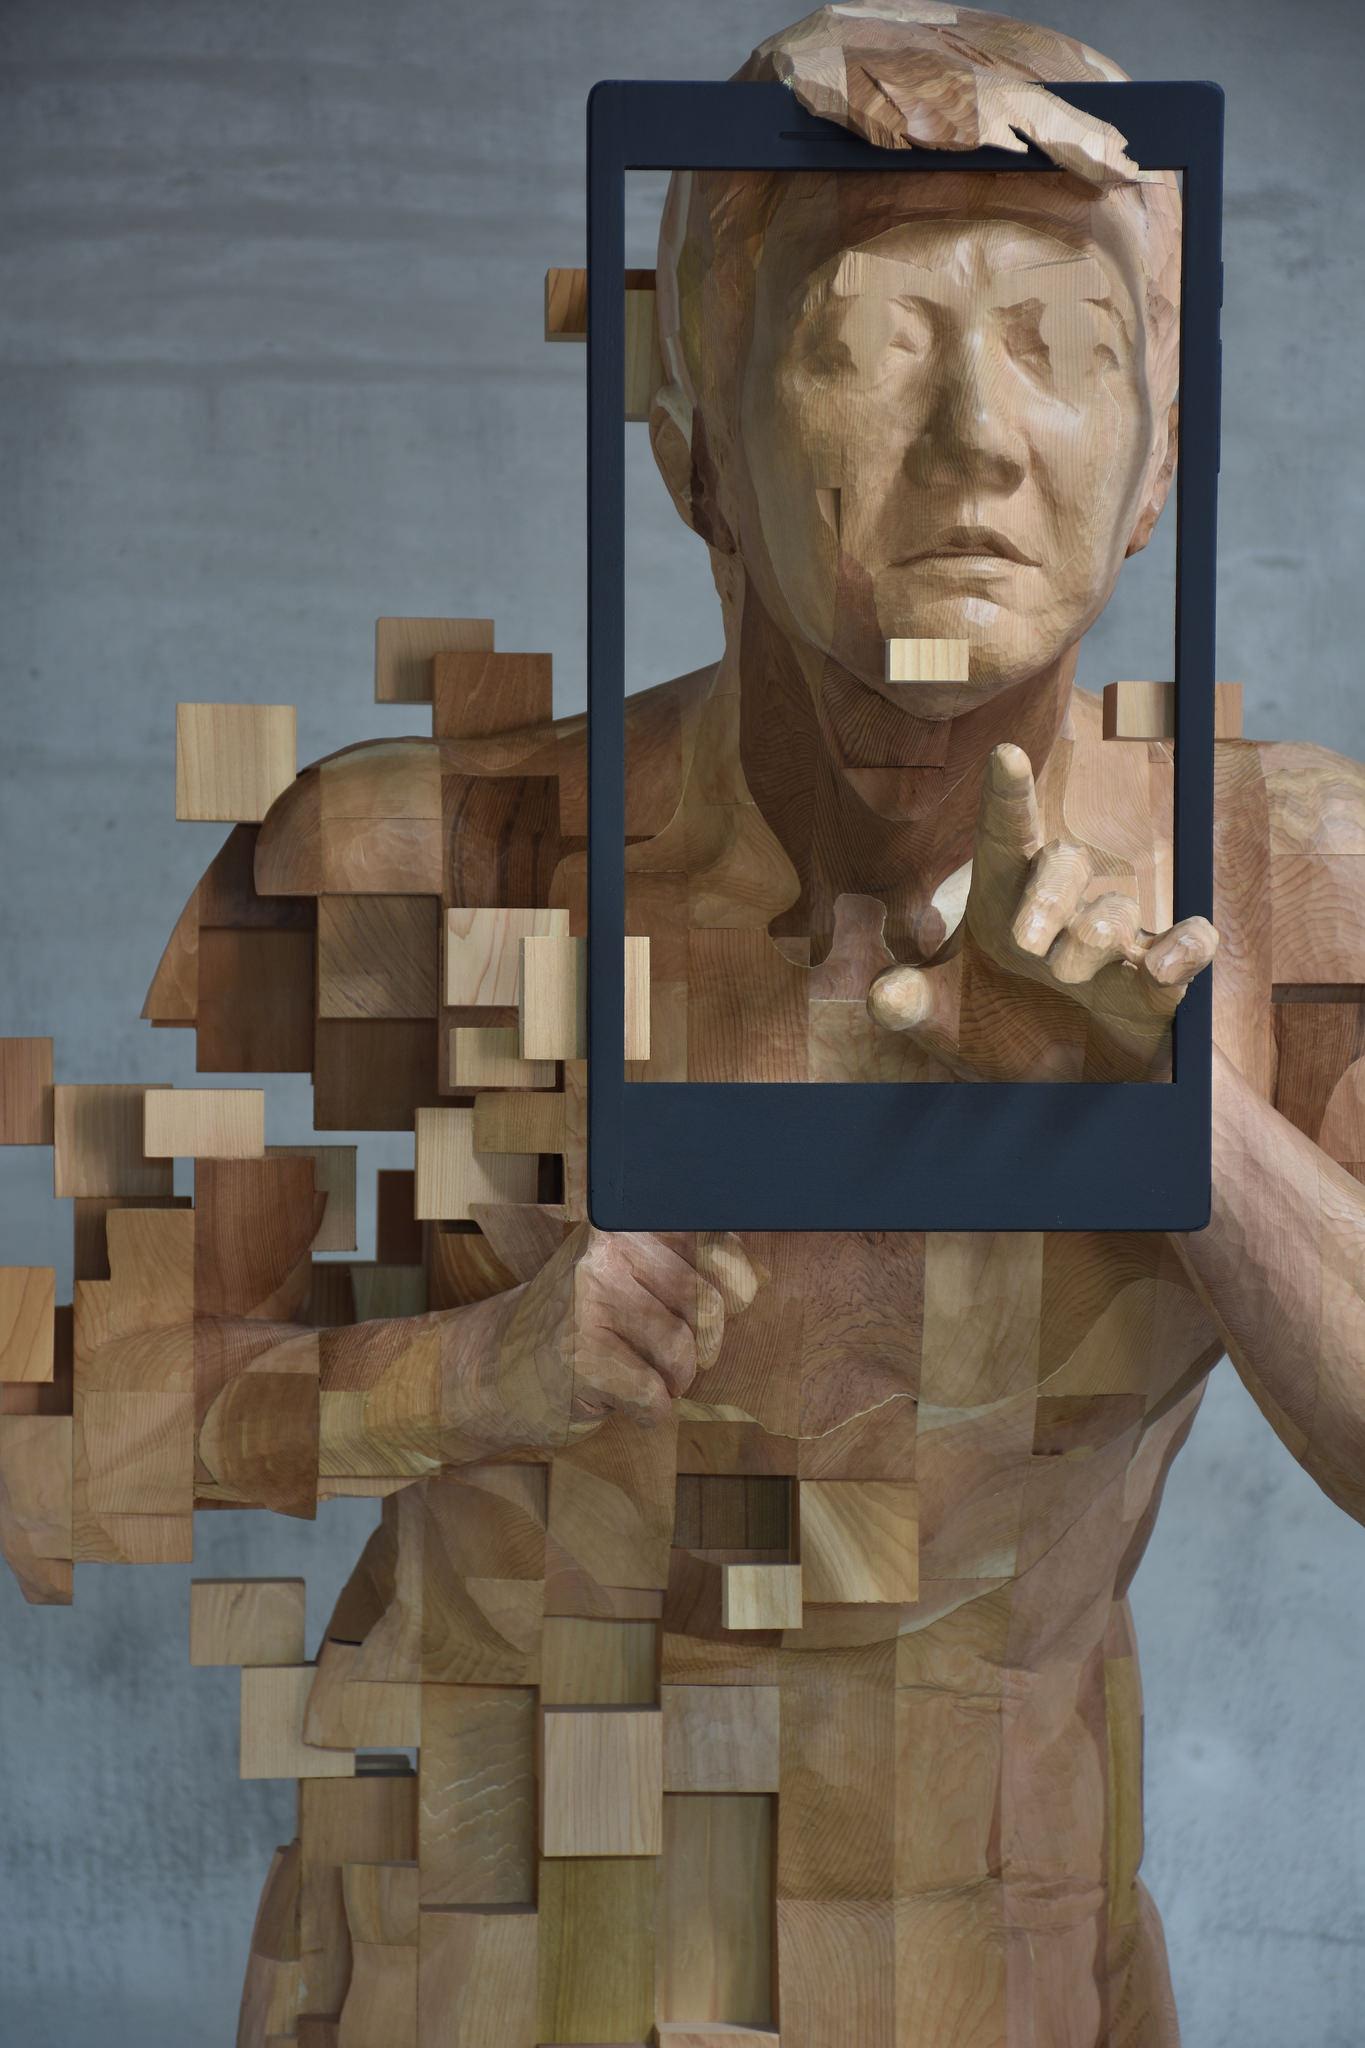 Ein Mann mit einem Bilderrahmen